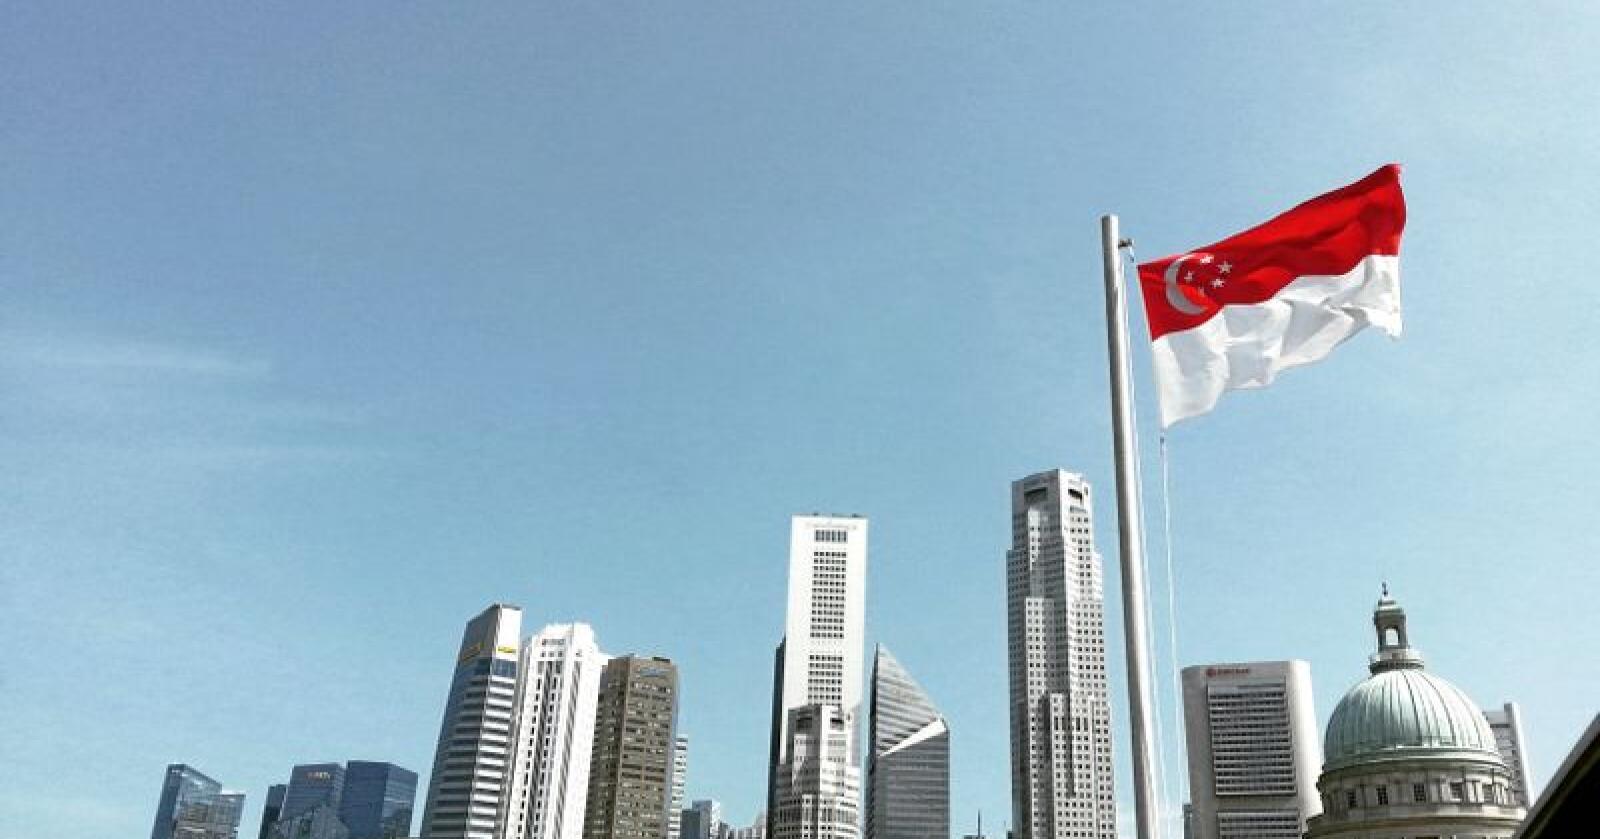 En handelsavtale mellom EU og Singapore trer i kraft torsdag. Foto: Jnzl@Flickr (CC BY 2.0)